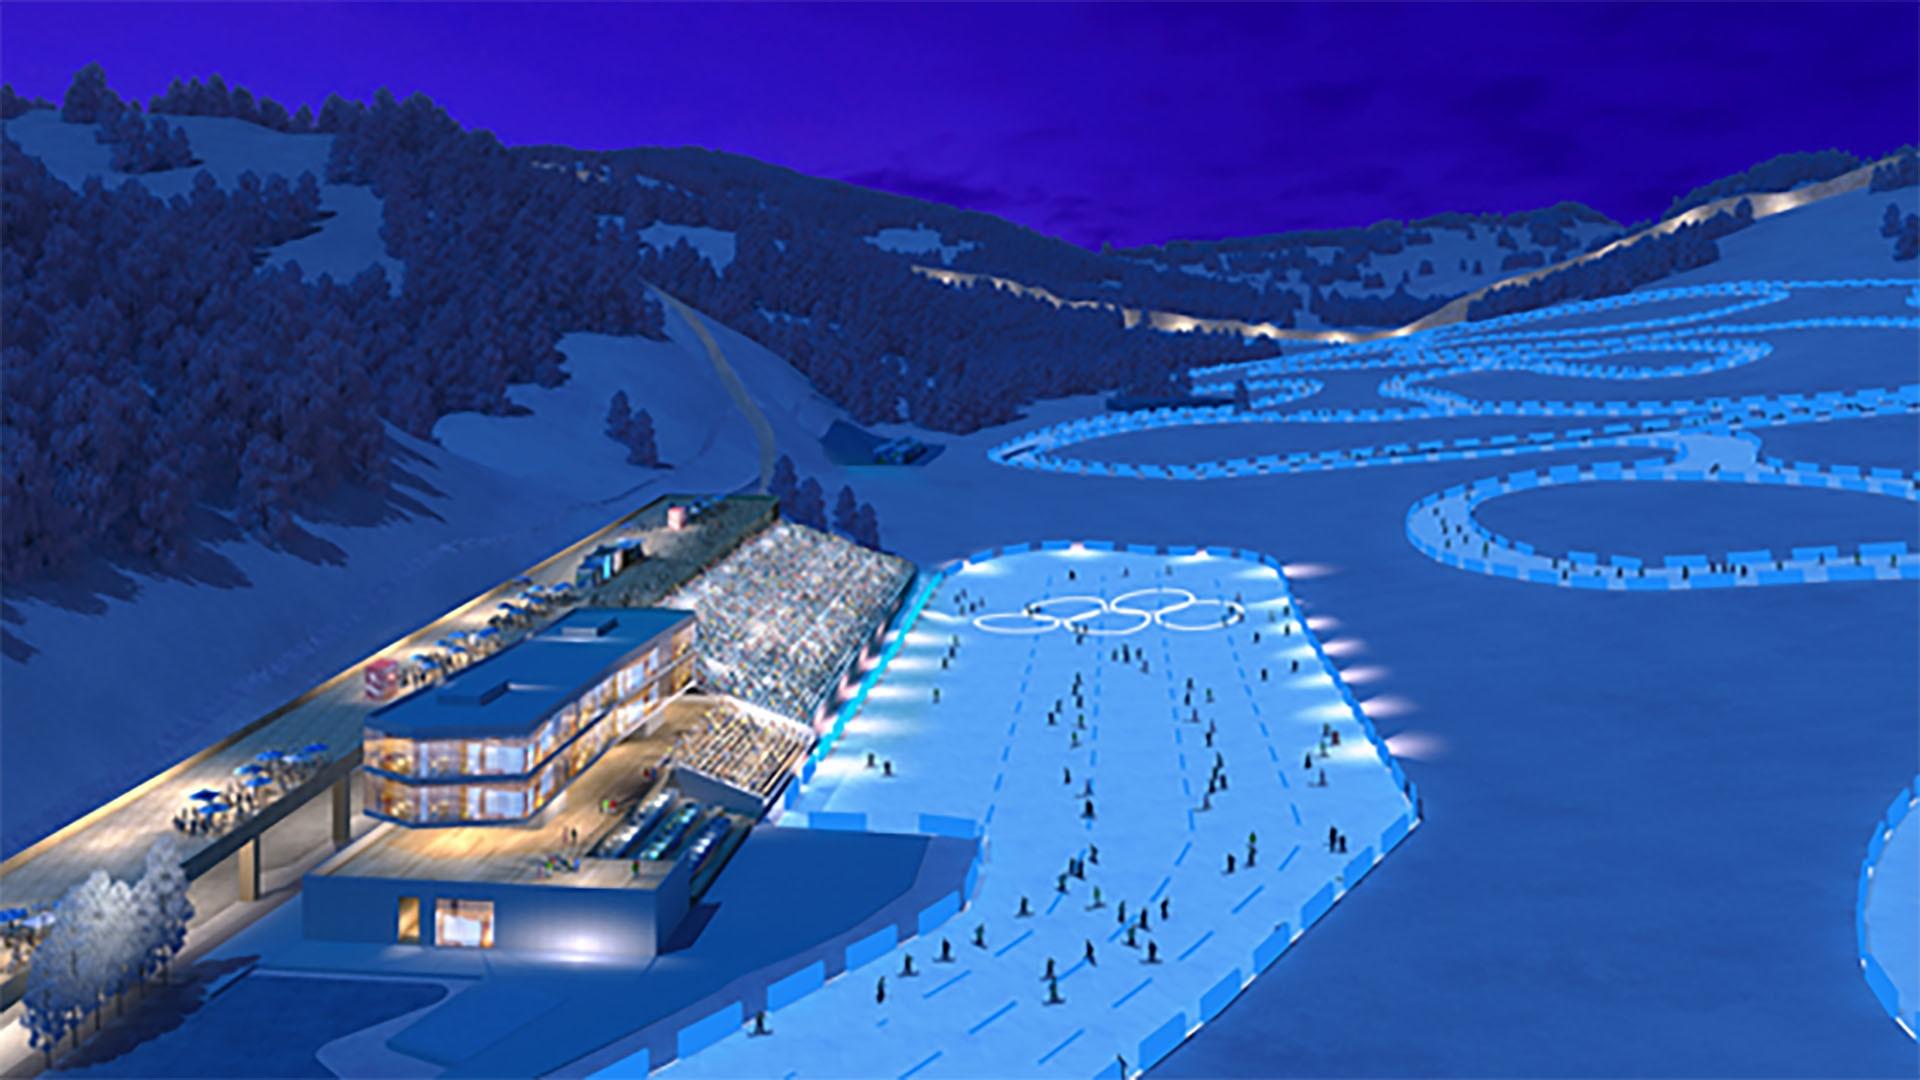 National Cross-Country Ski Center rendering